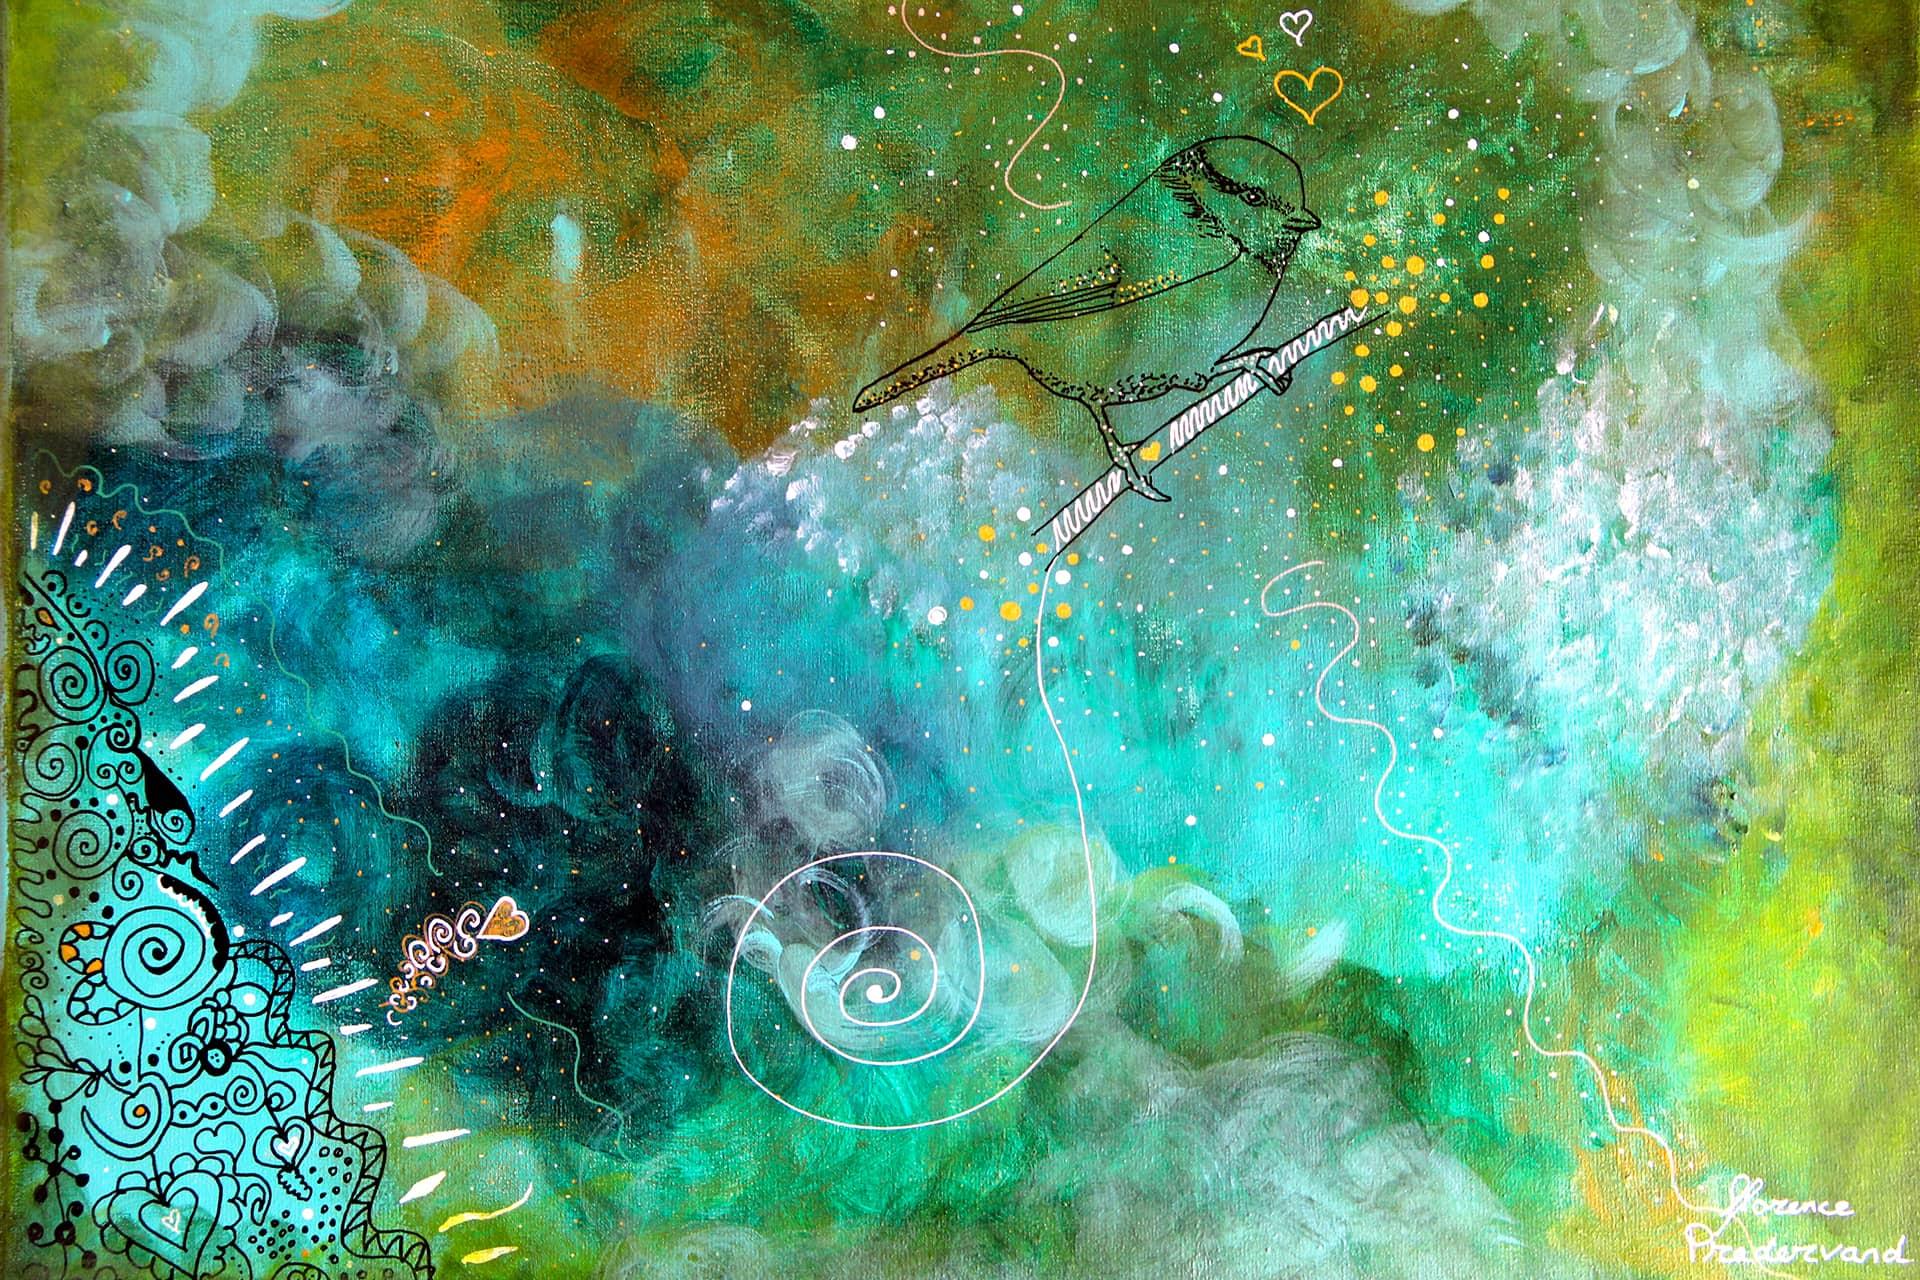 Peinture Finalisée | Les Commandées |Tous Créateurs |Florence Pradervand